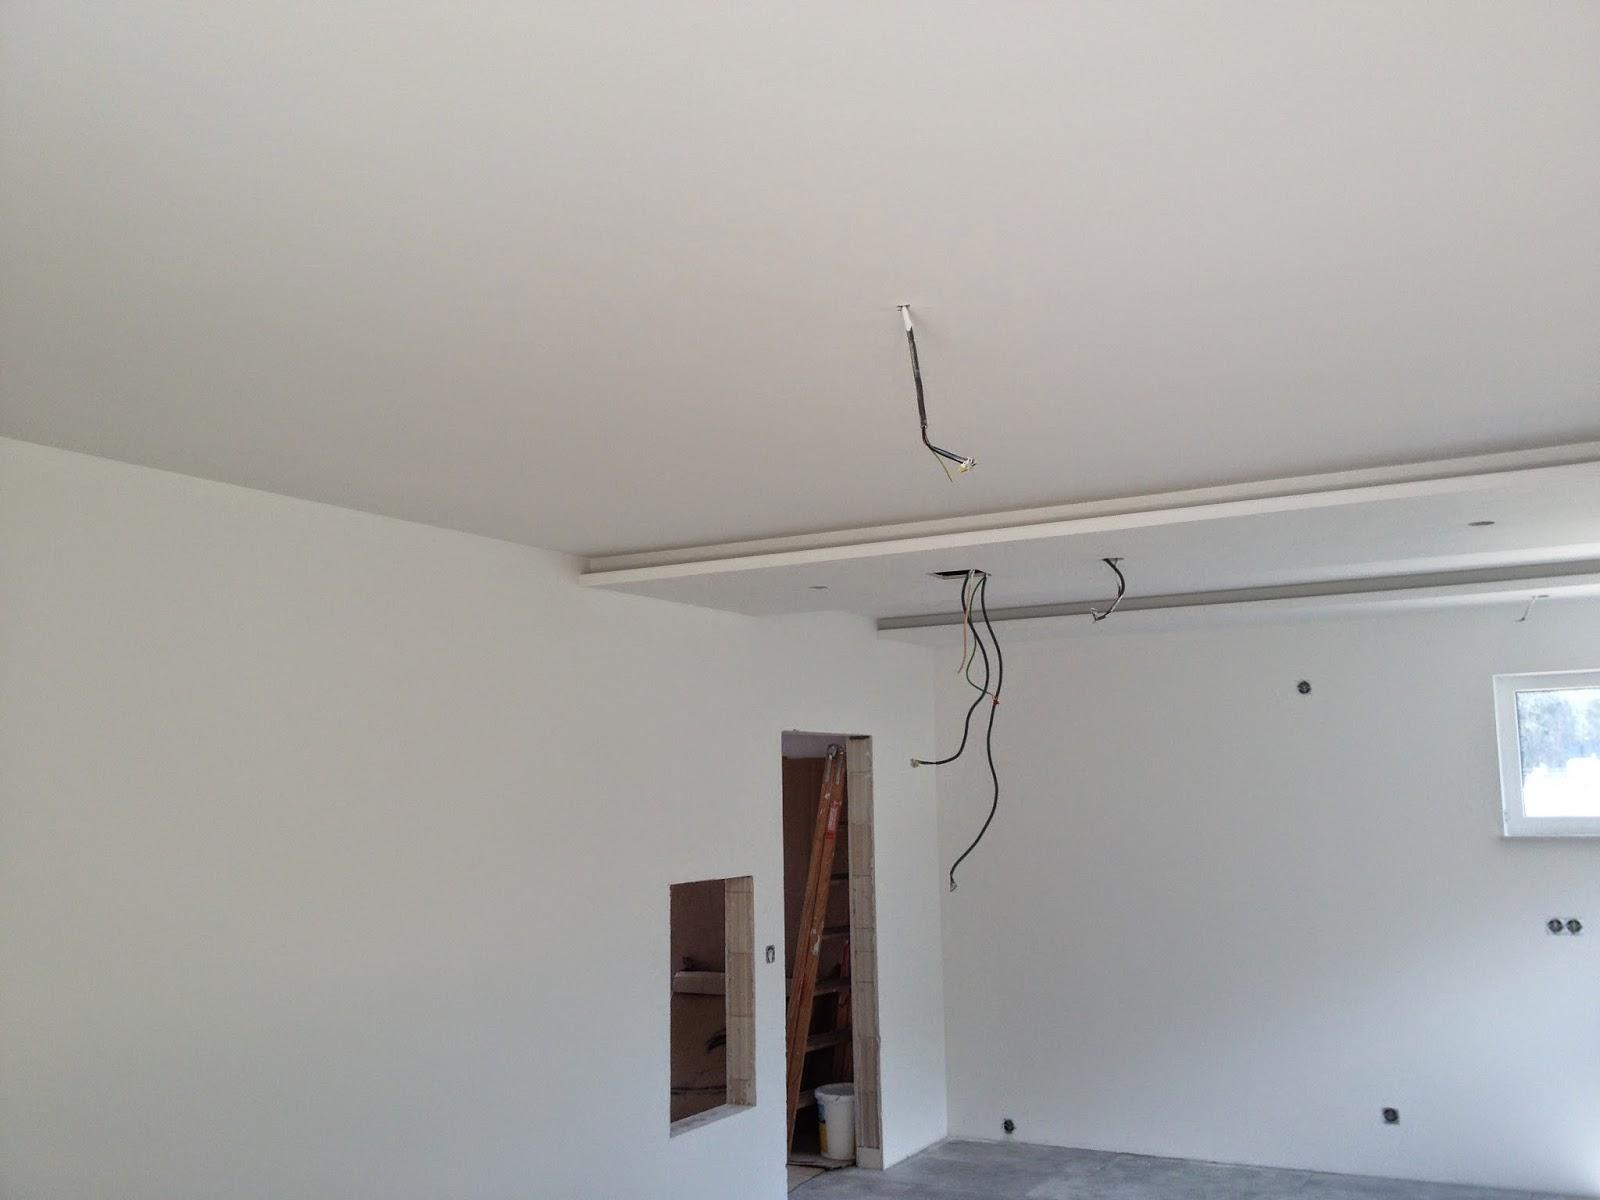 rigipsdecken hochglanz die neuesten innenarchitekturideen. Black Bedroom Furniture Sets. Home Design Ideas